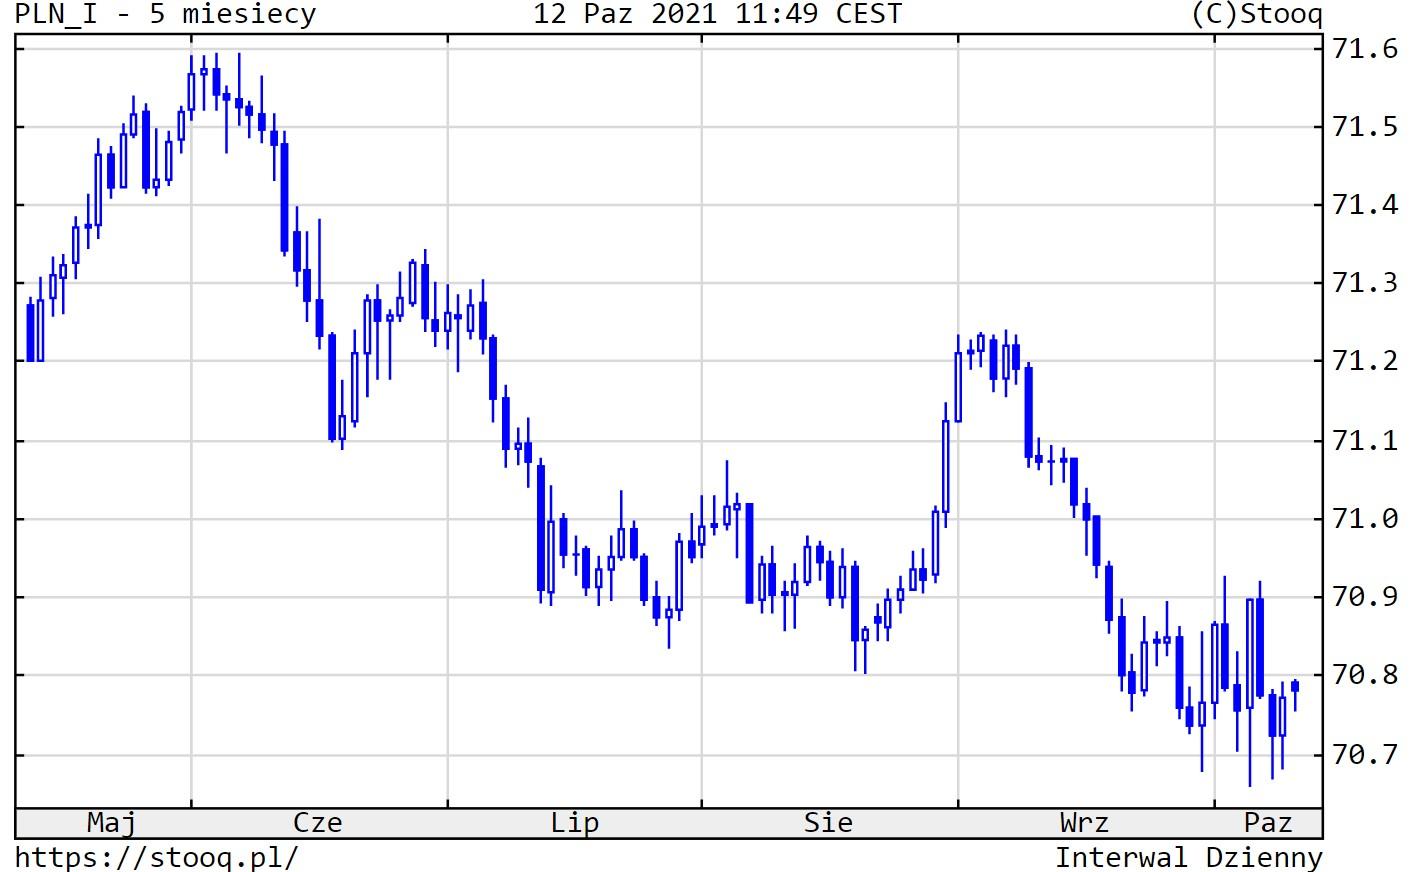 kurs złotego względem koszyka walut